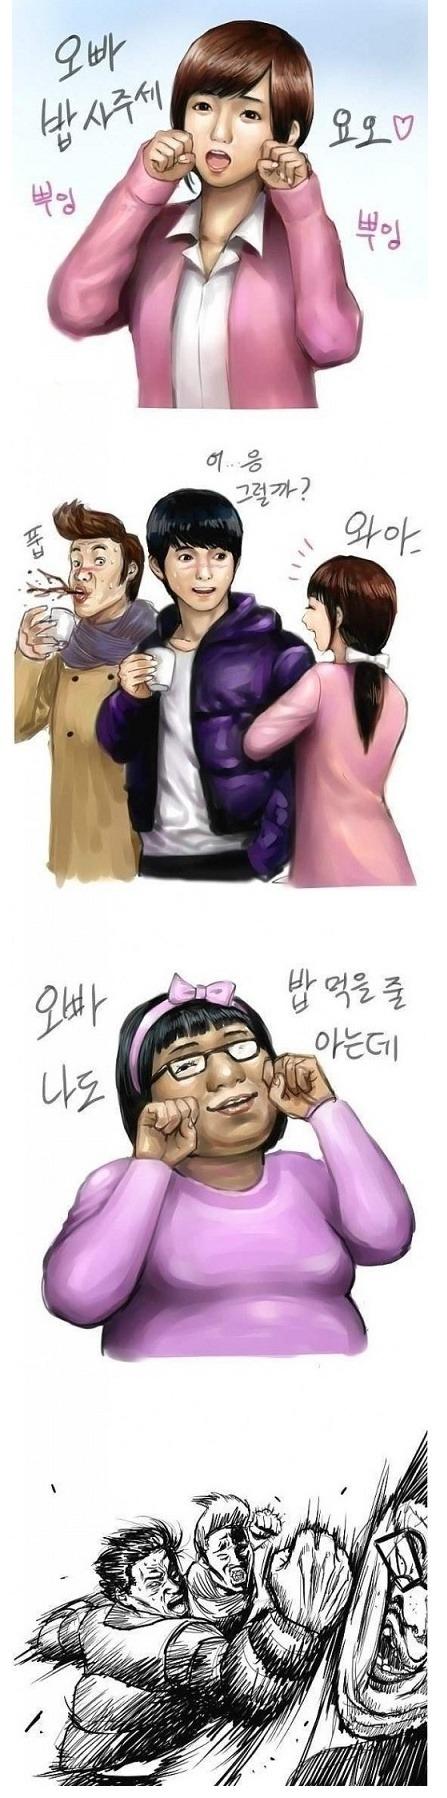 대한민국에서 못생긴 여자로 살아가는 기분이란...jpg